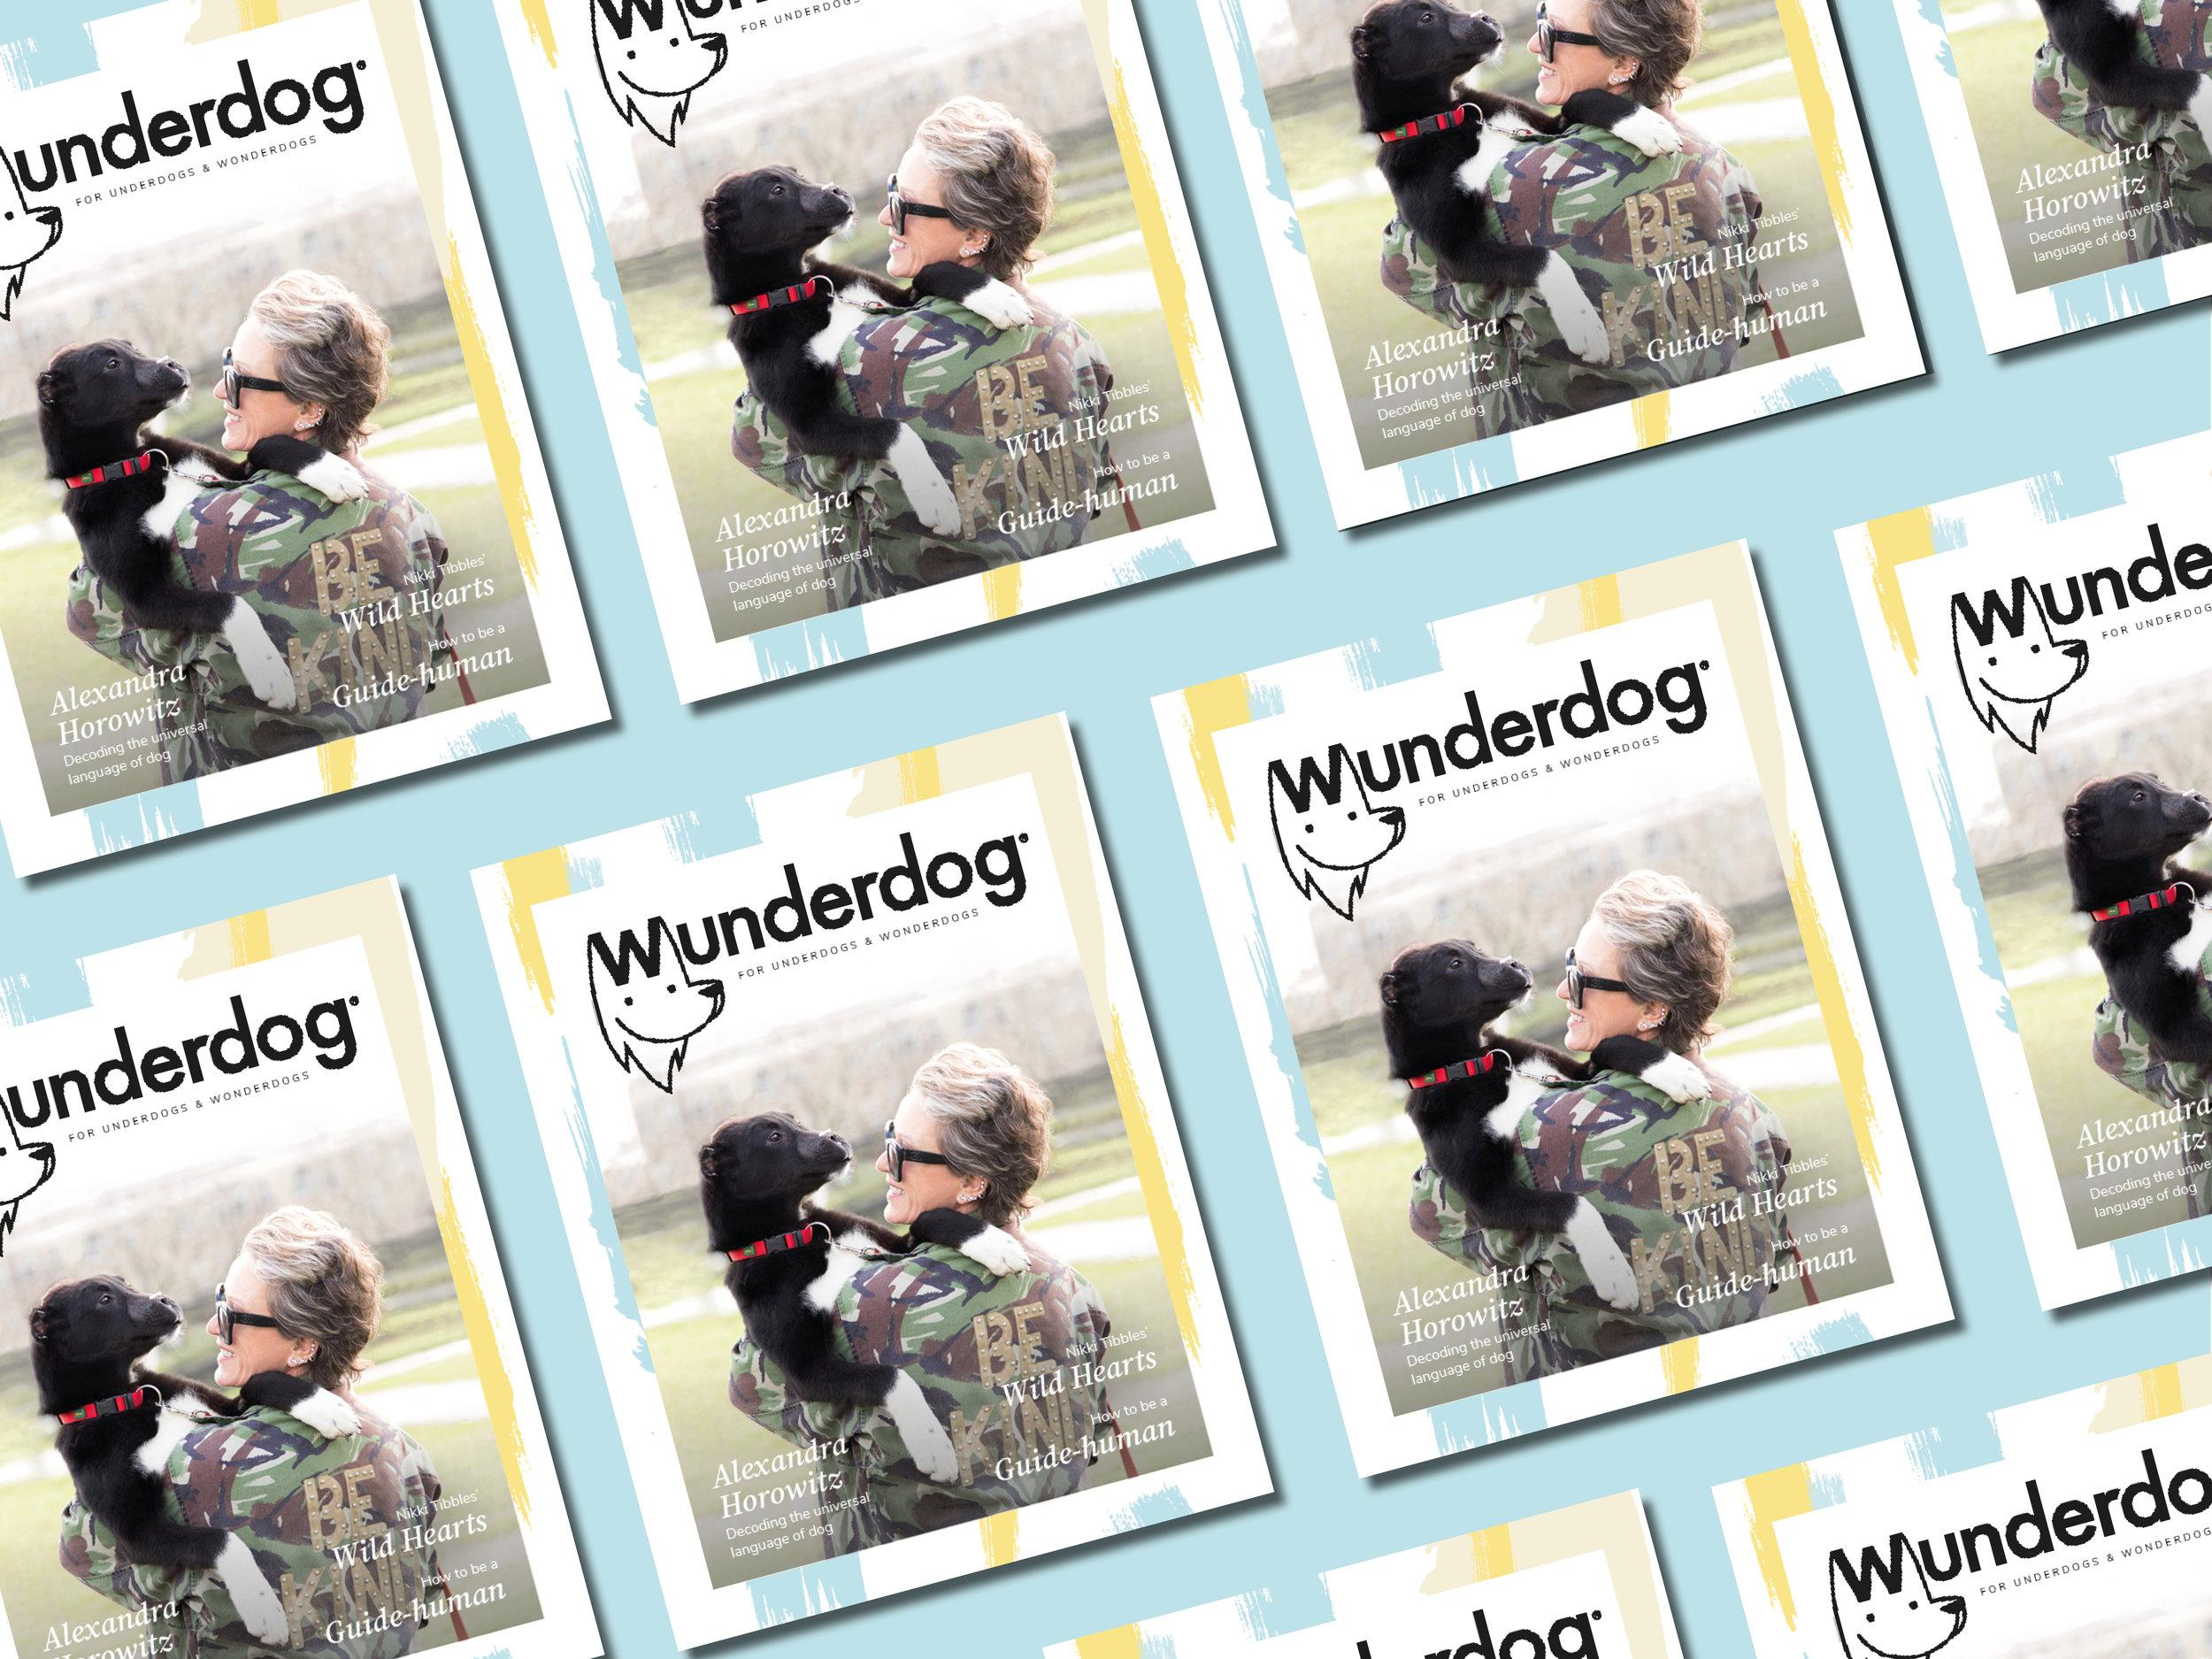 Rescue Dogs: Wunderdog Magazine